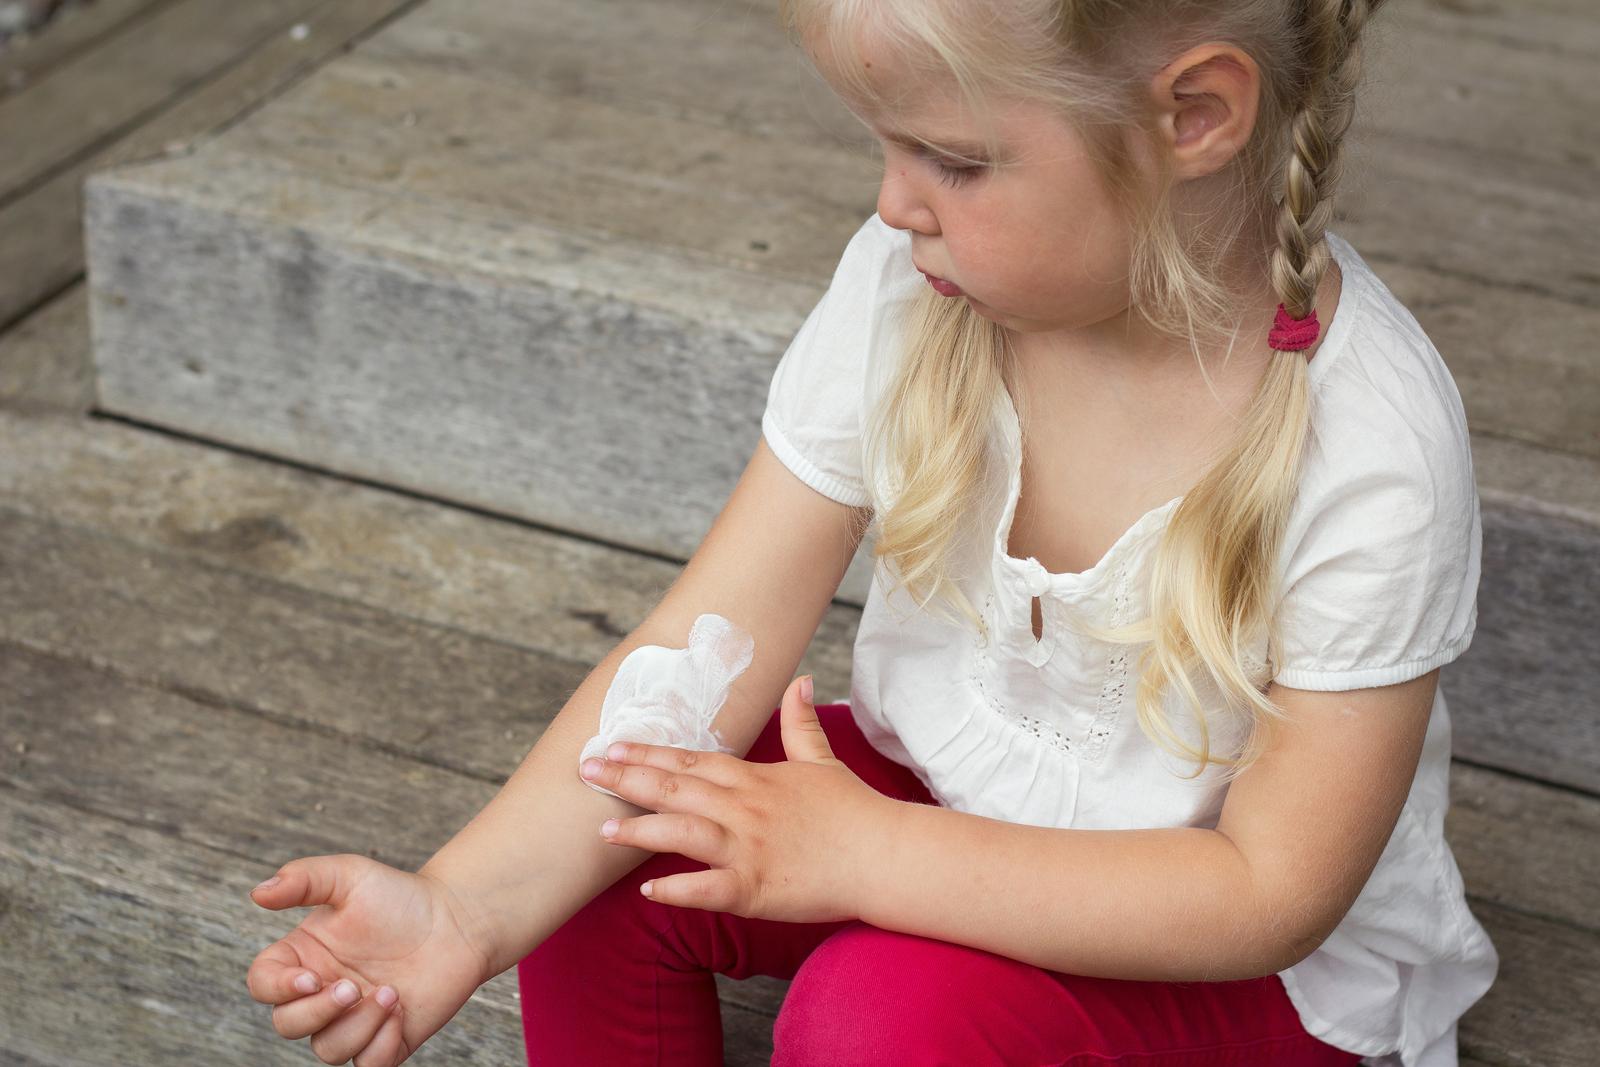 Mädchen mit Borkenflechte cremt sich ein